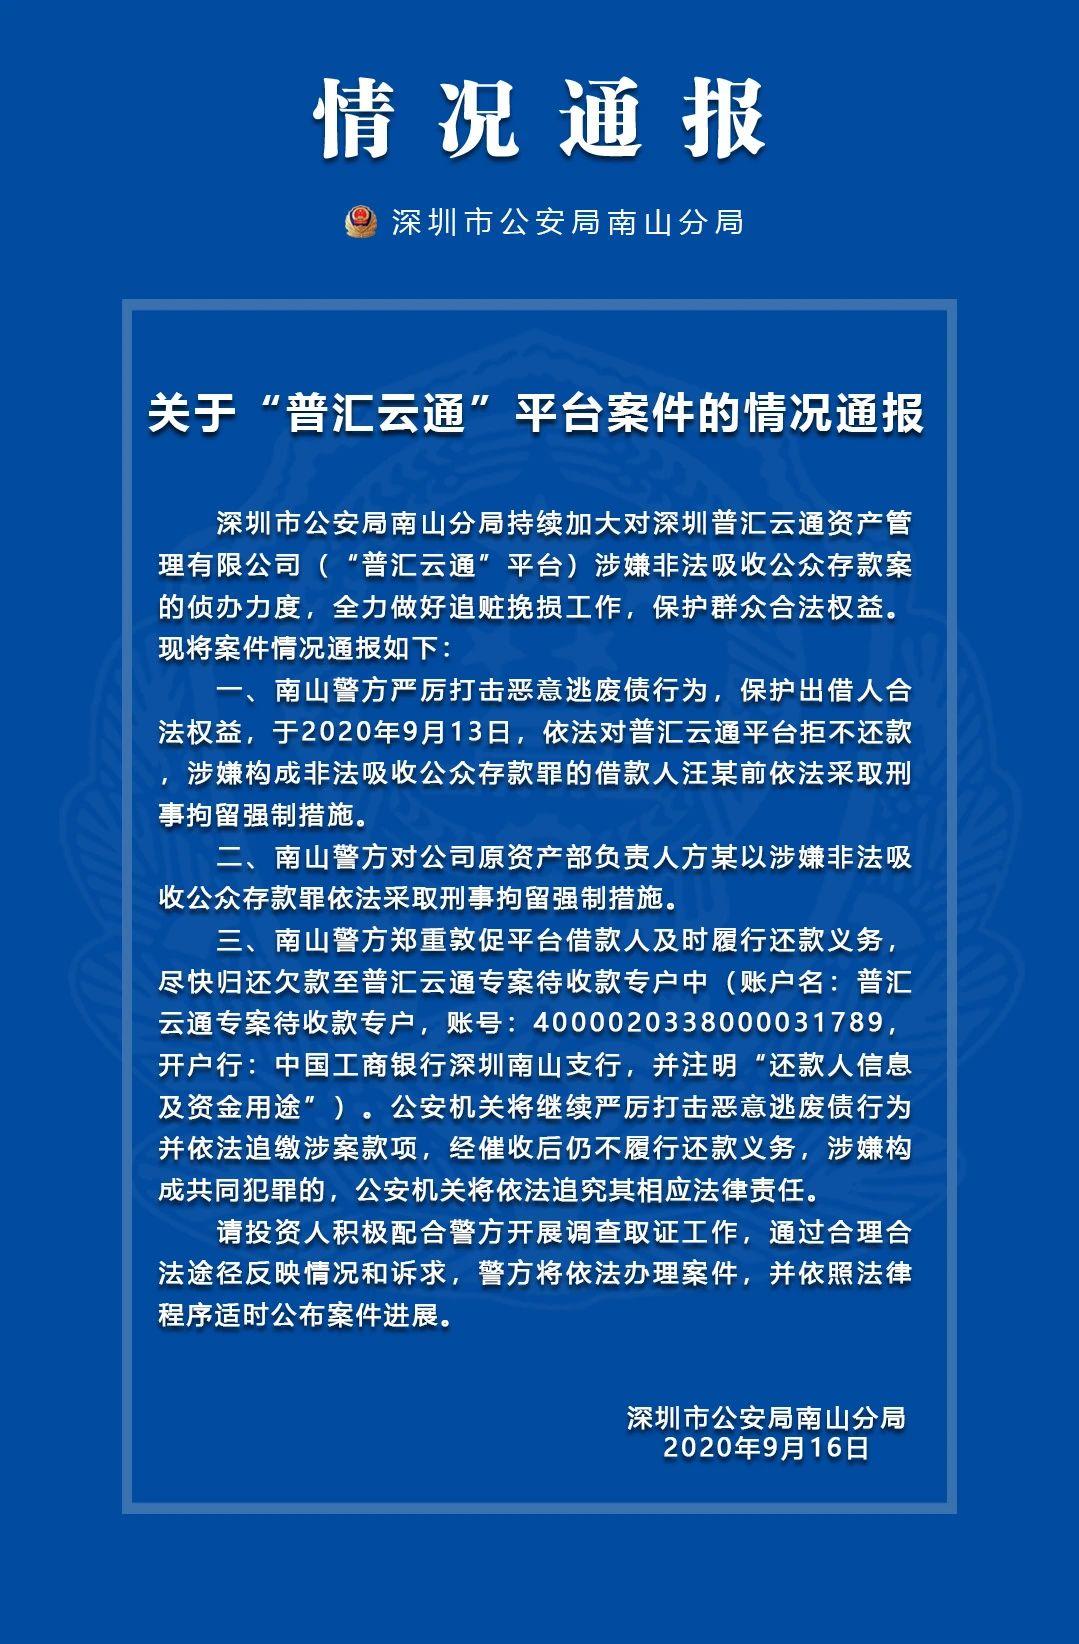 普汇云通案最新:一借款人因拒不还款被刑拘